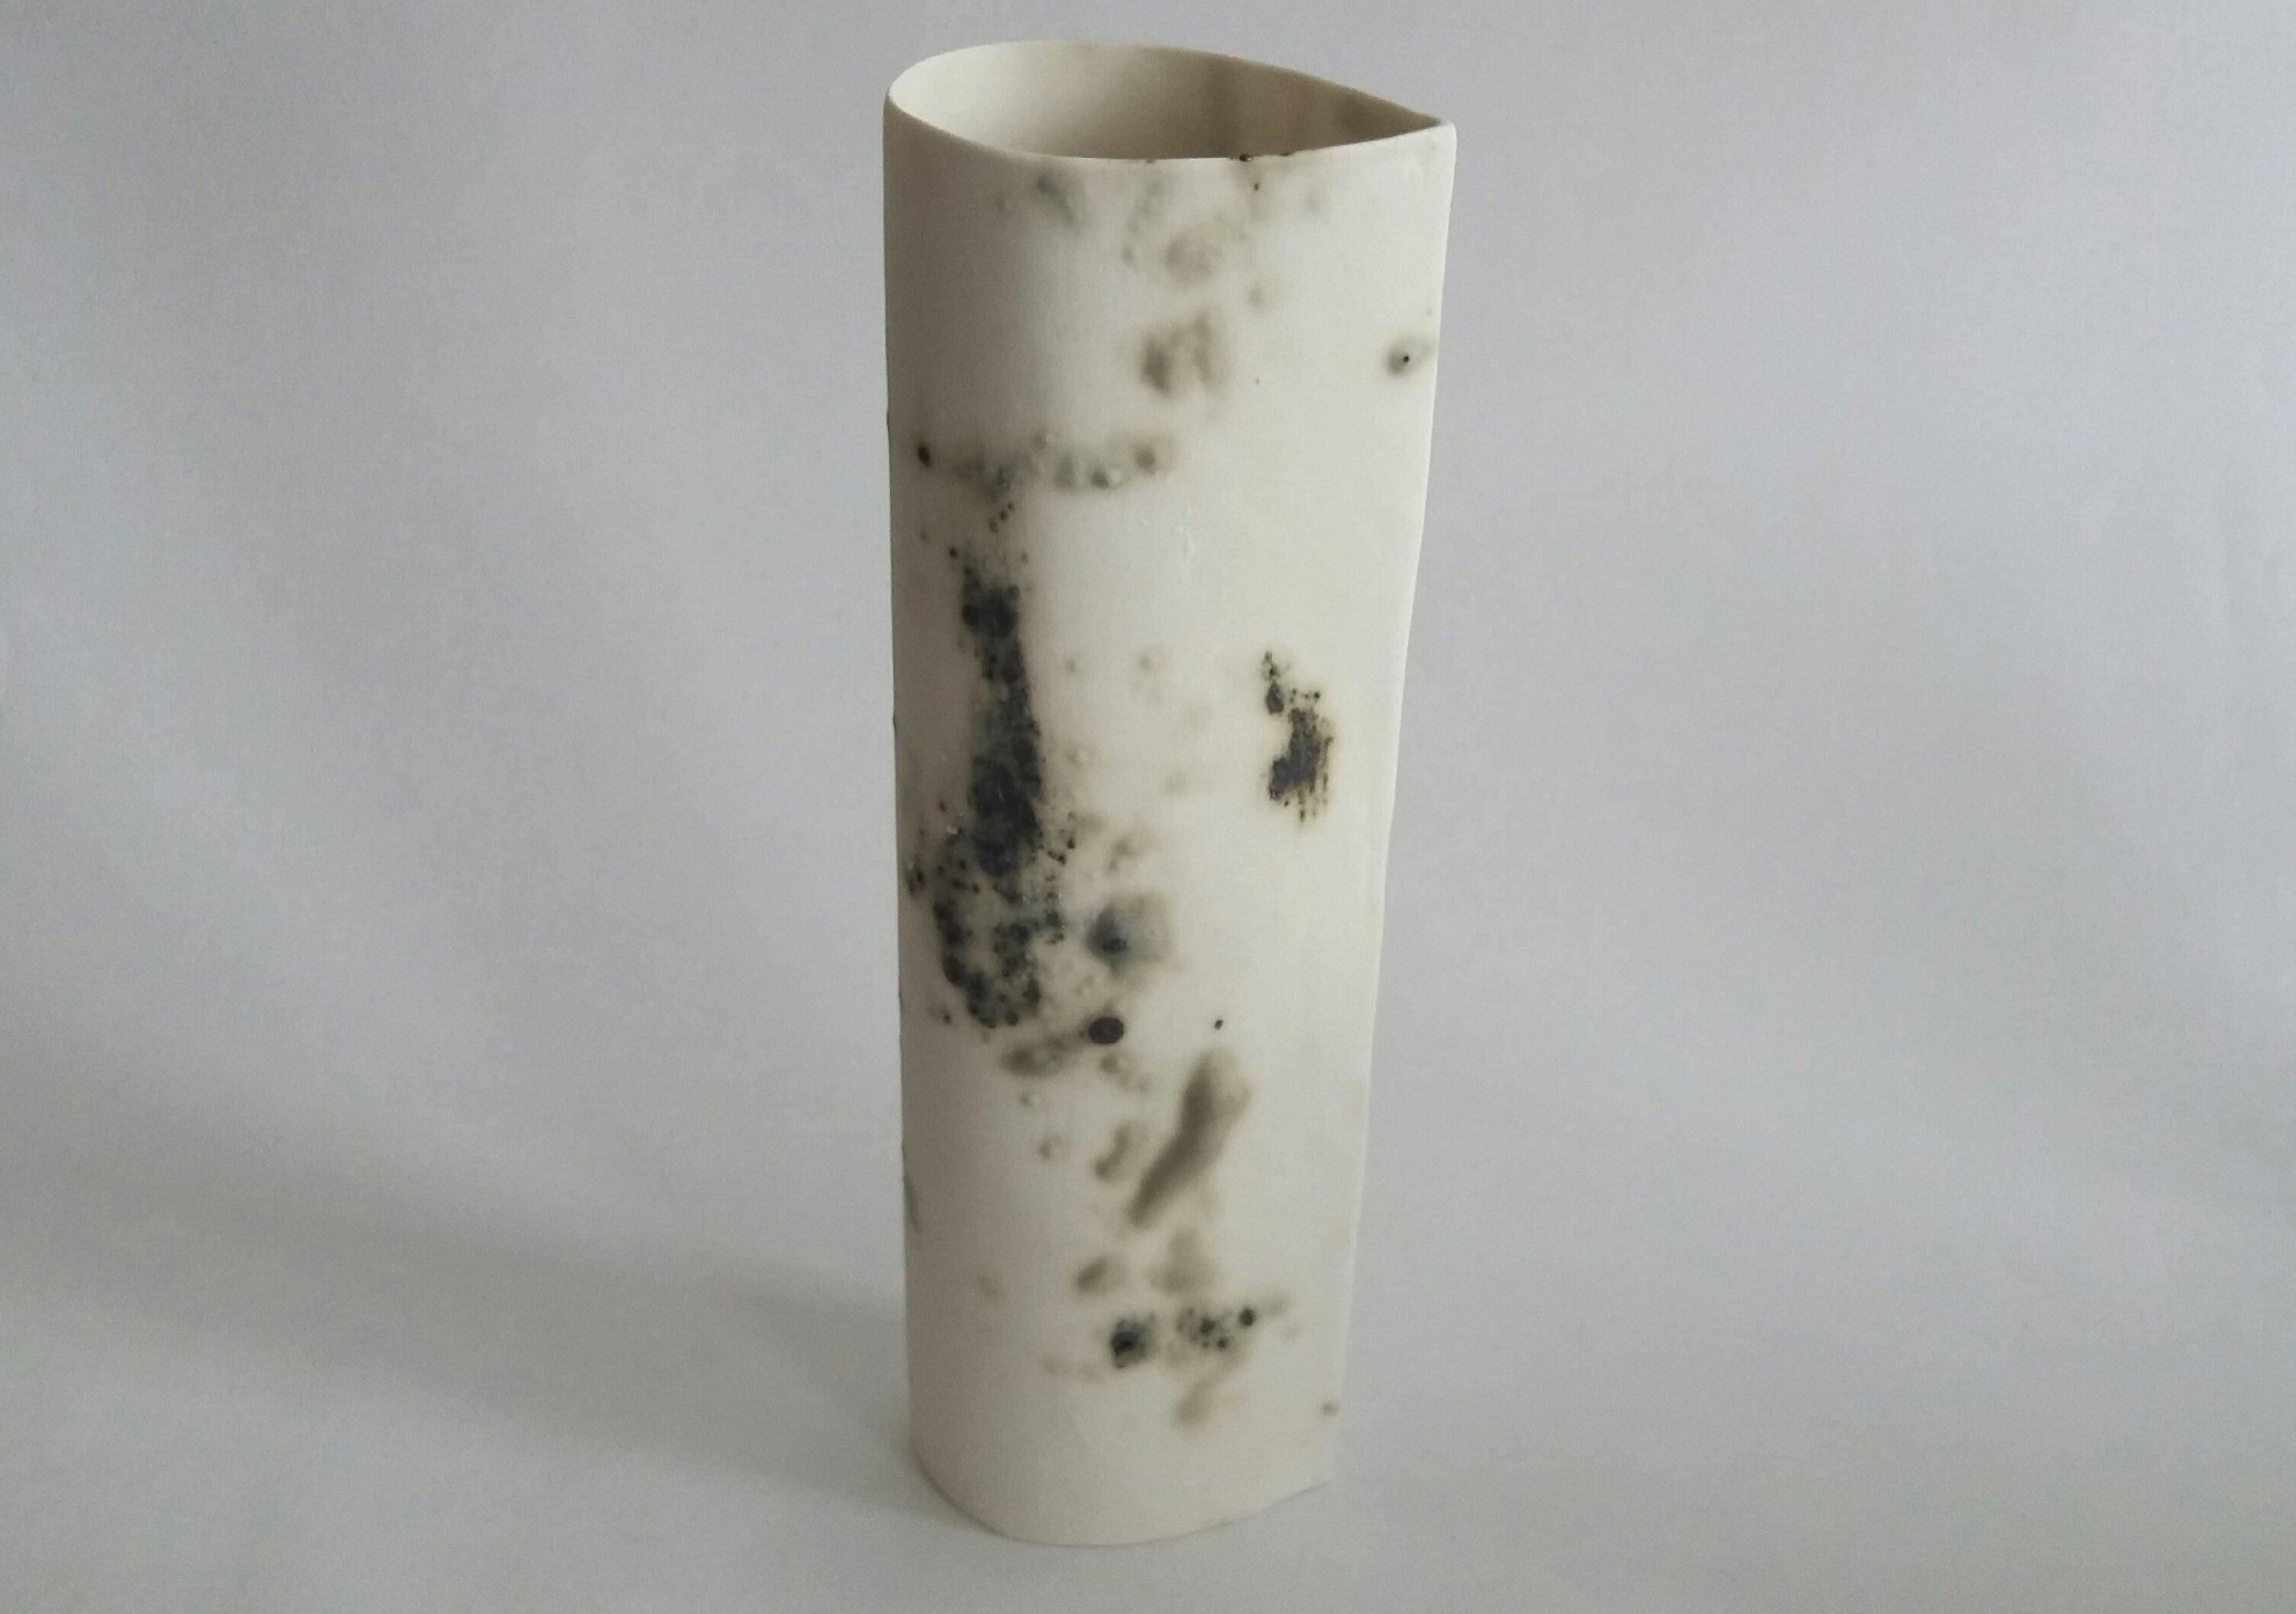 Tall Porcelain teardrop vessel